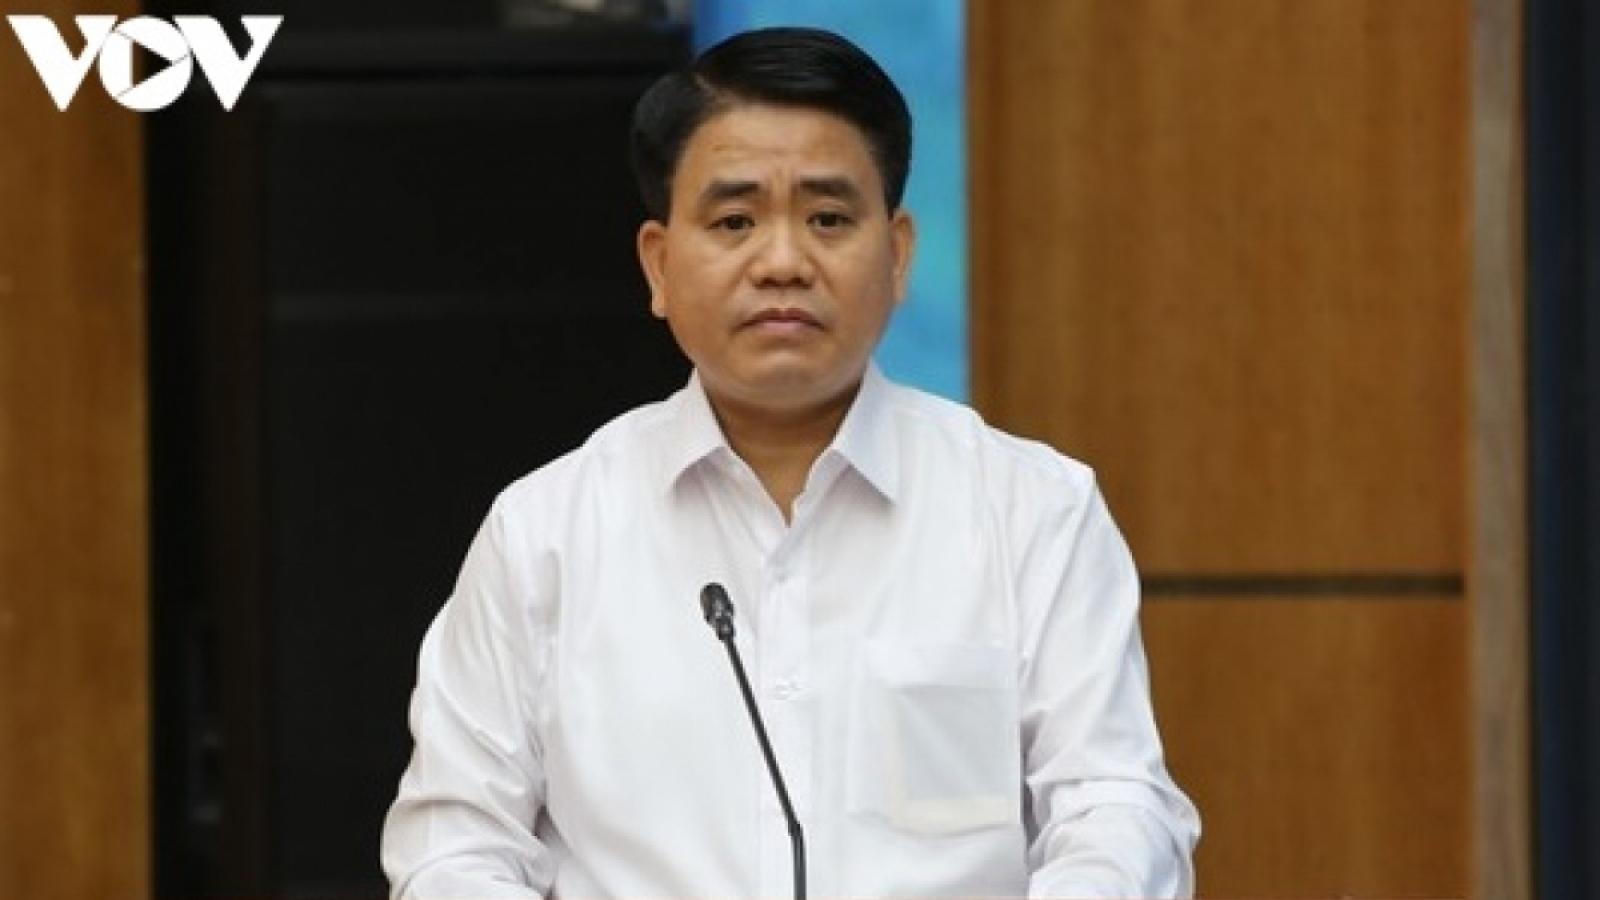 Xét xử kín ông Nguyễn Đức Chung nhưng sẽ tuyên án công khai